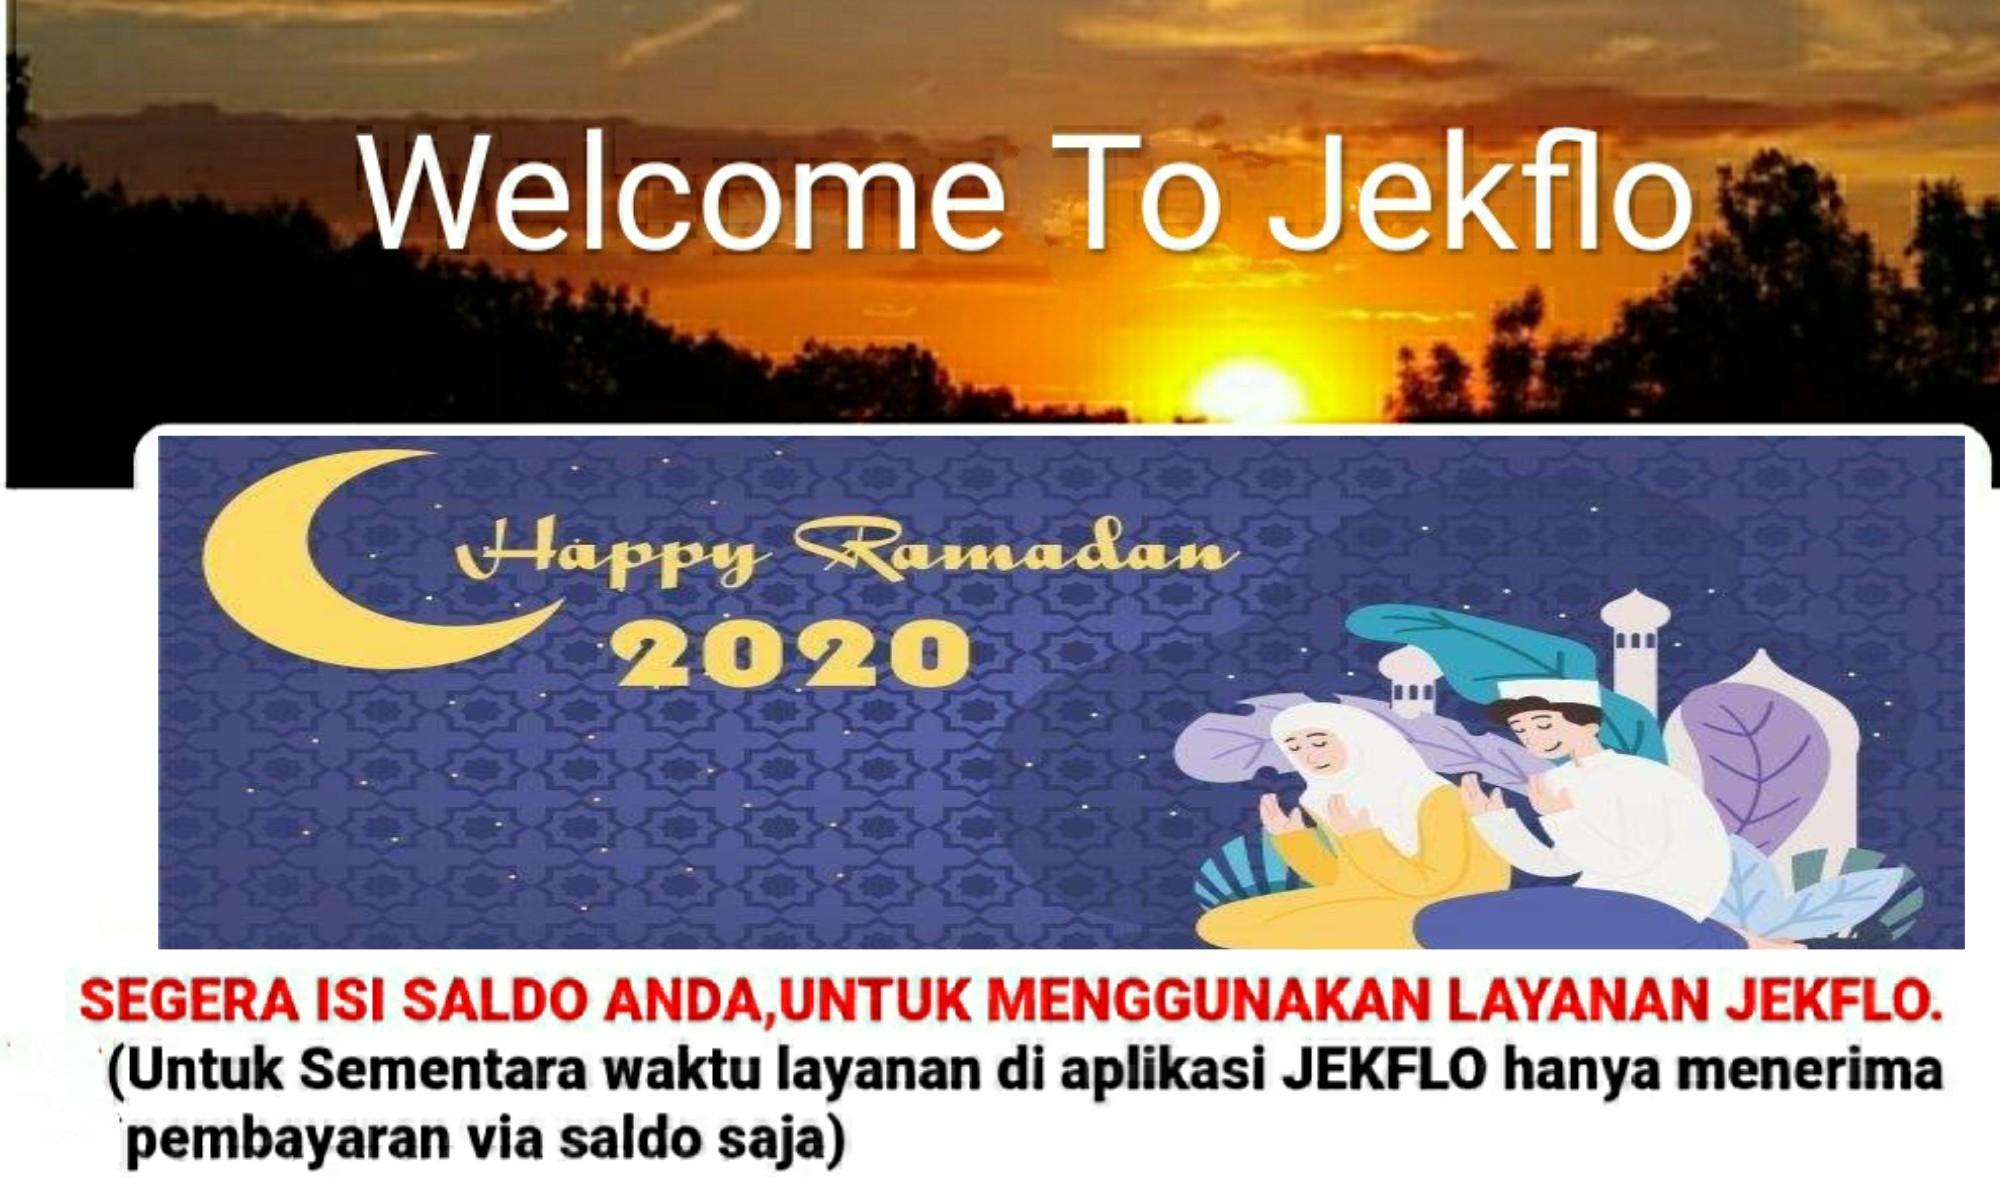 JEKFLO 0